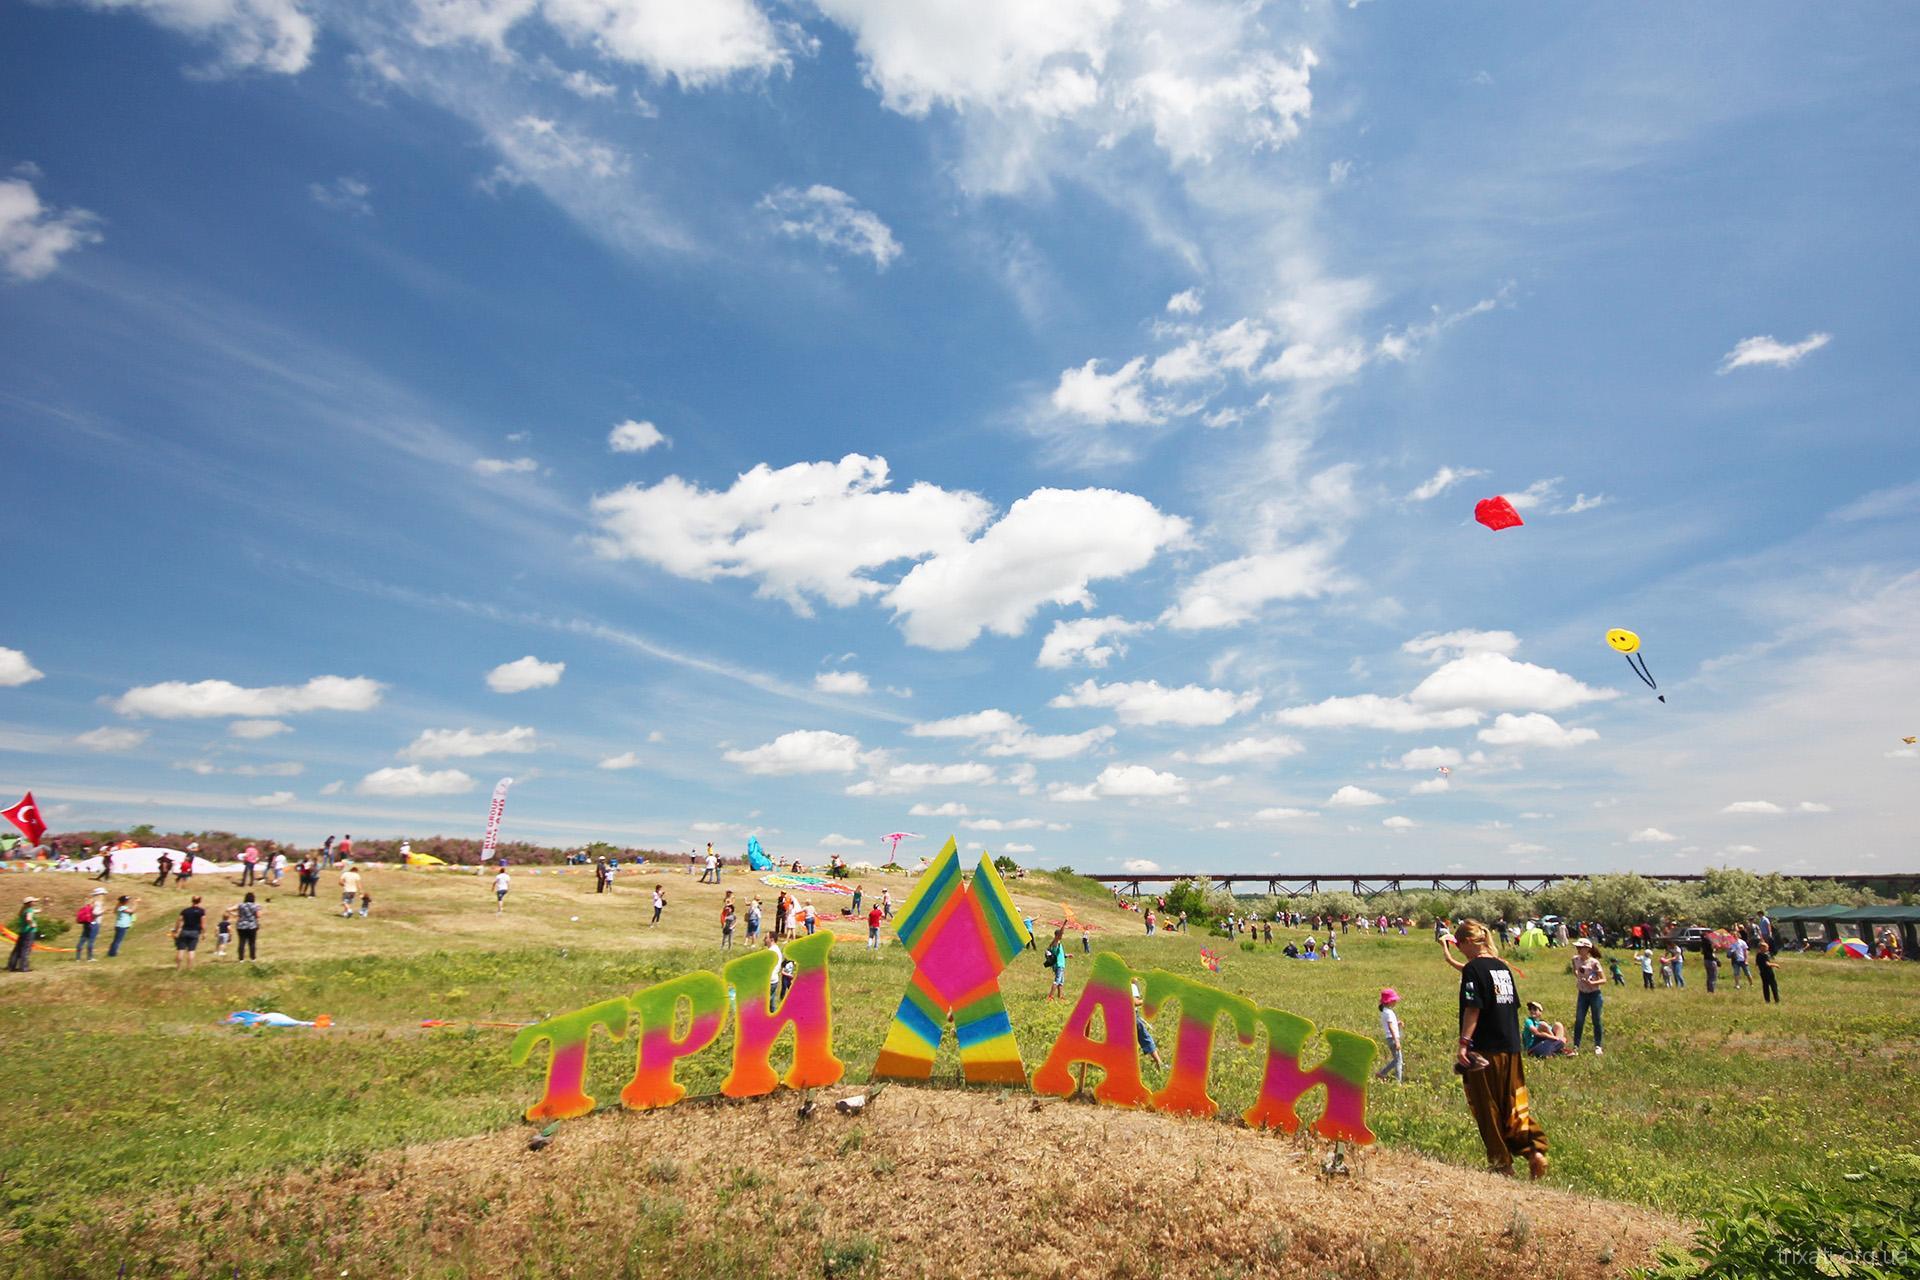 Tryhutty Kite Fest 2018